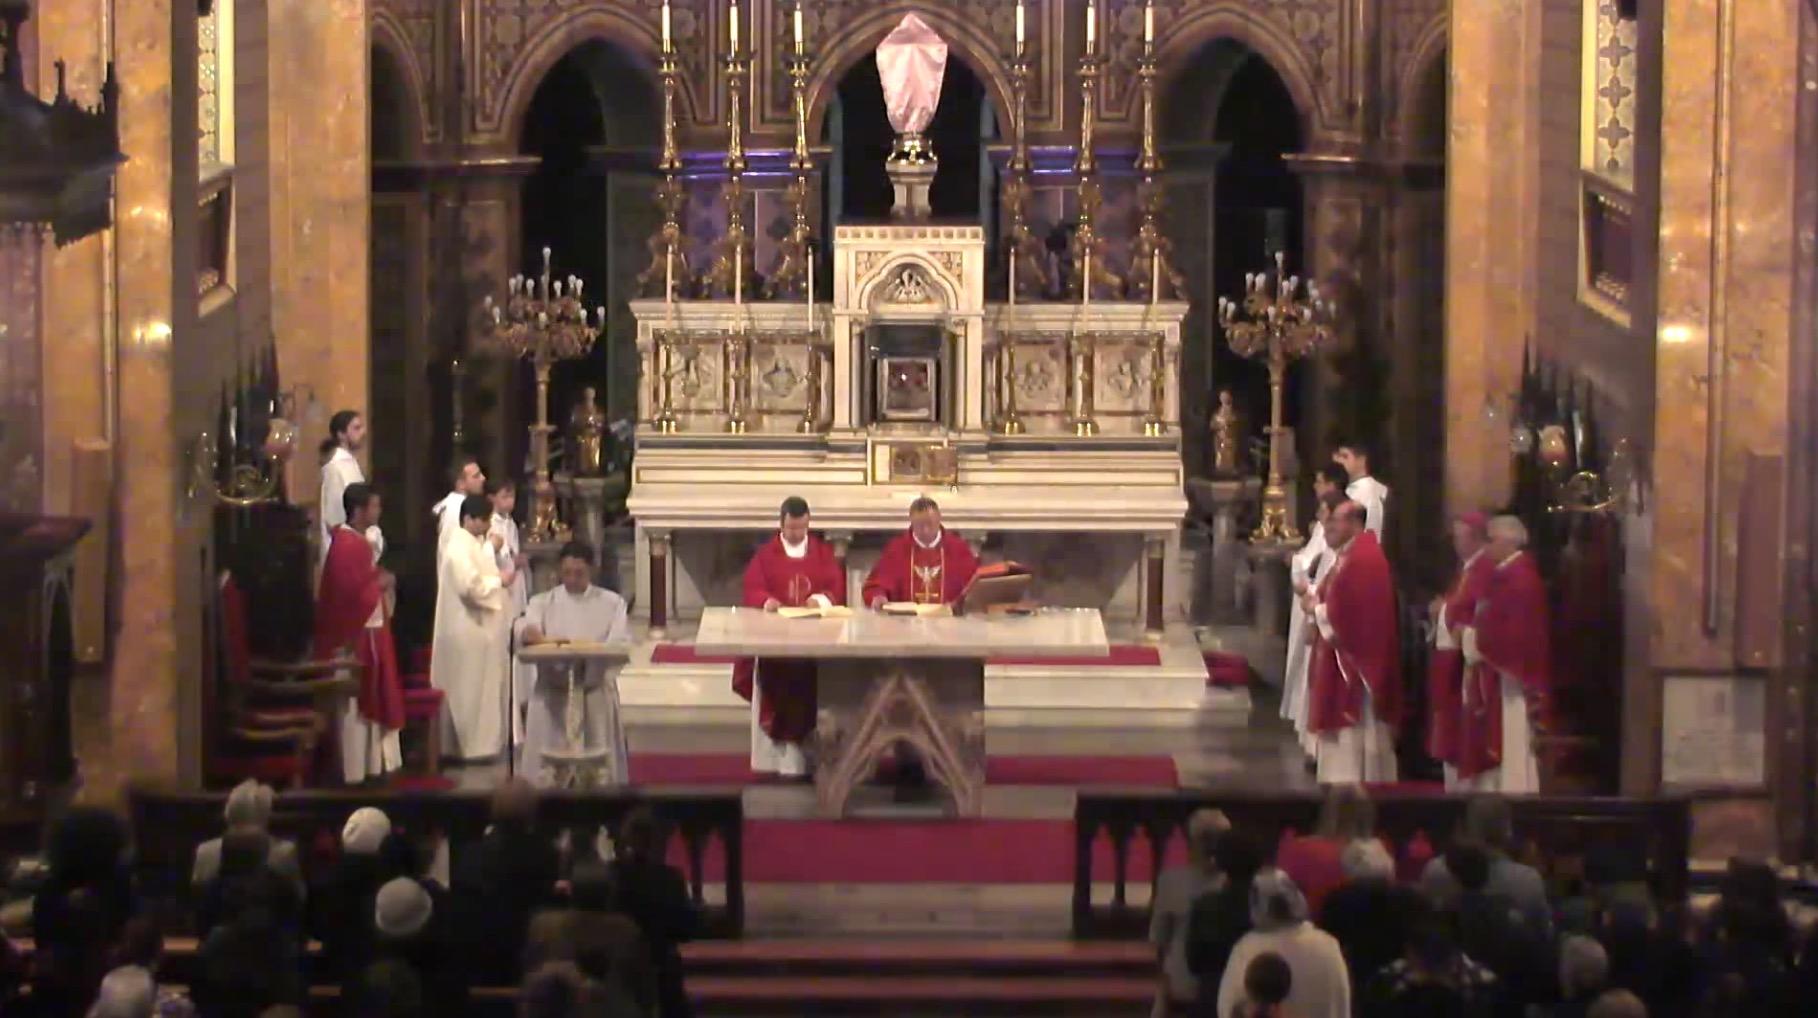 Ce este bine să faci în Vinerea Sfântă la Catolici seara, chiar dacă ești Ortodox